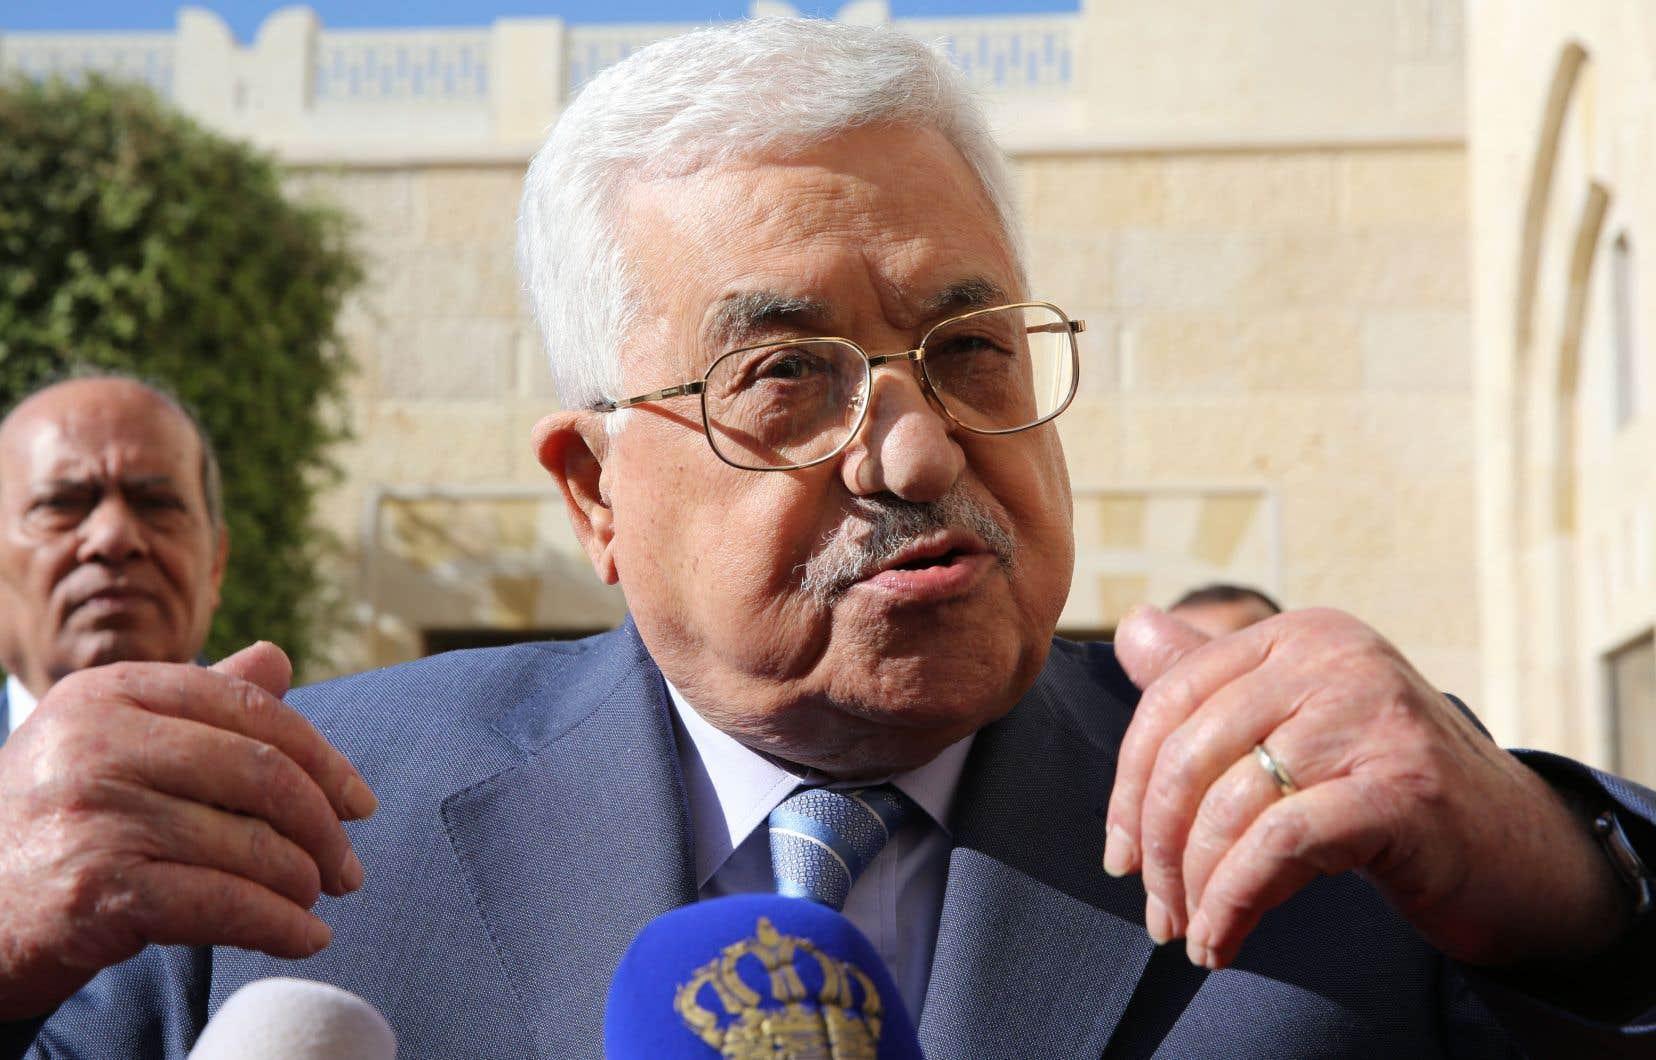 Le président palestinien, Mahmoud Abbas, s'exprimant devant les médias en octobre dernier